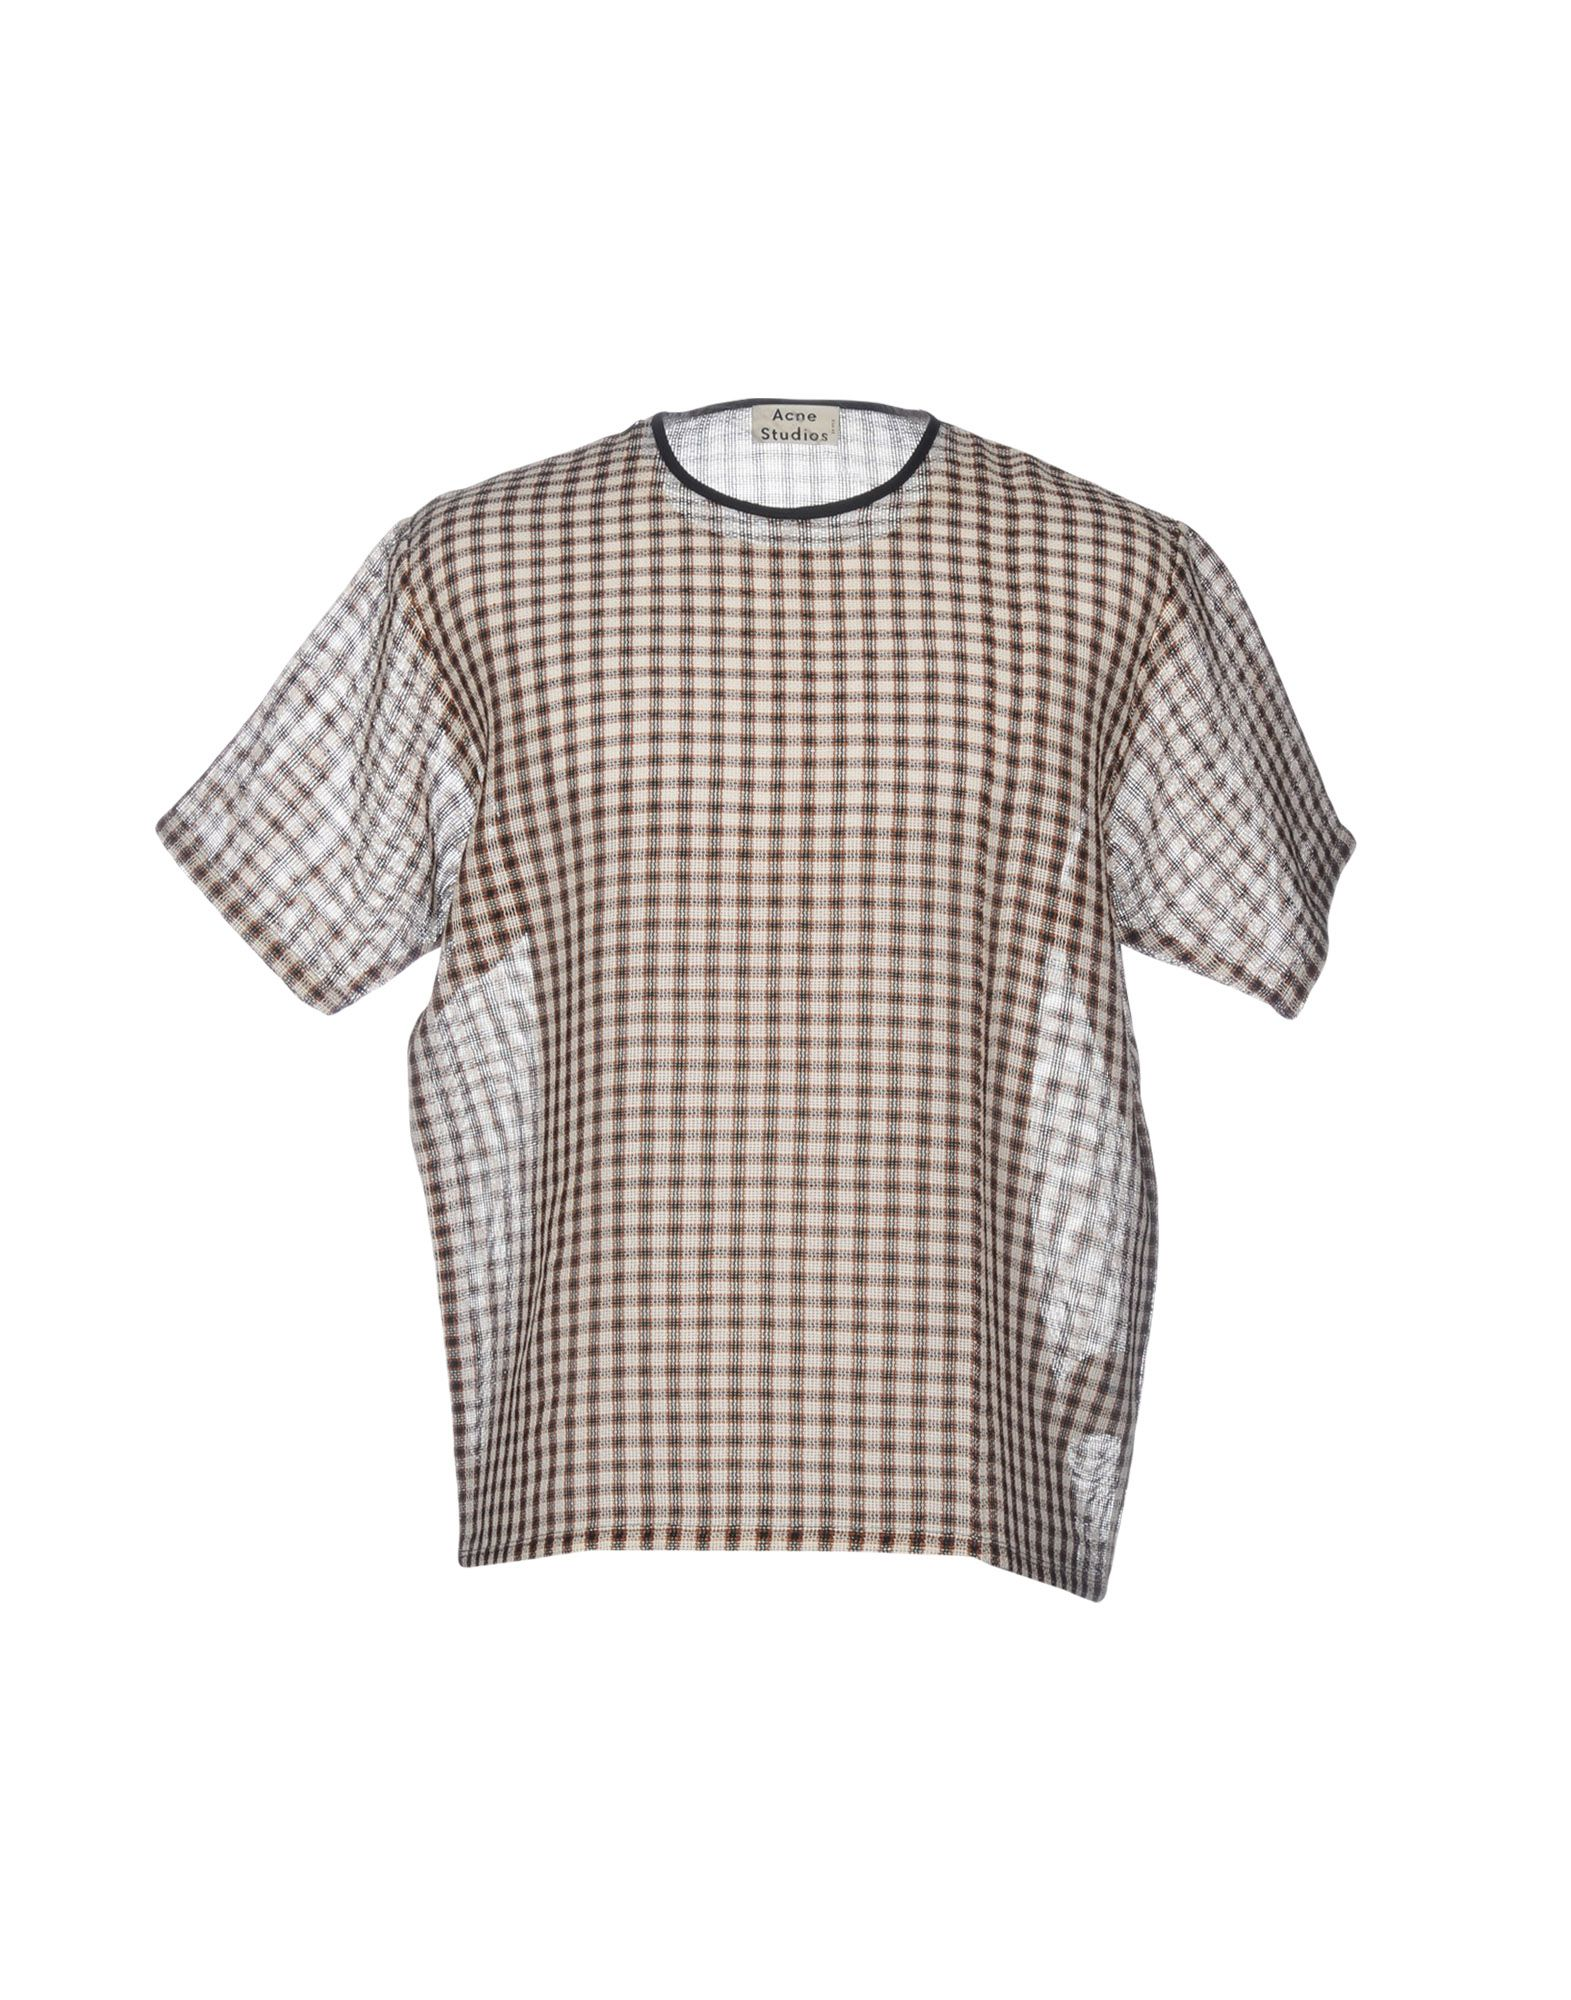 T-Shirt Acne Uomo Studios Uomo Acne - 12206812LR cfc1af